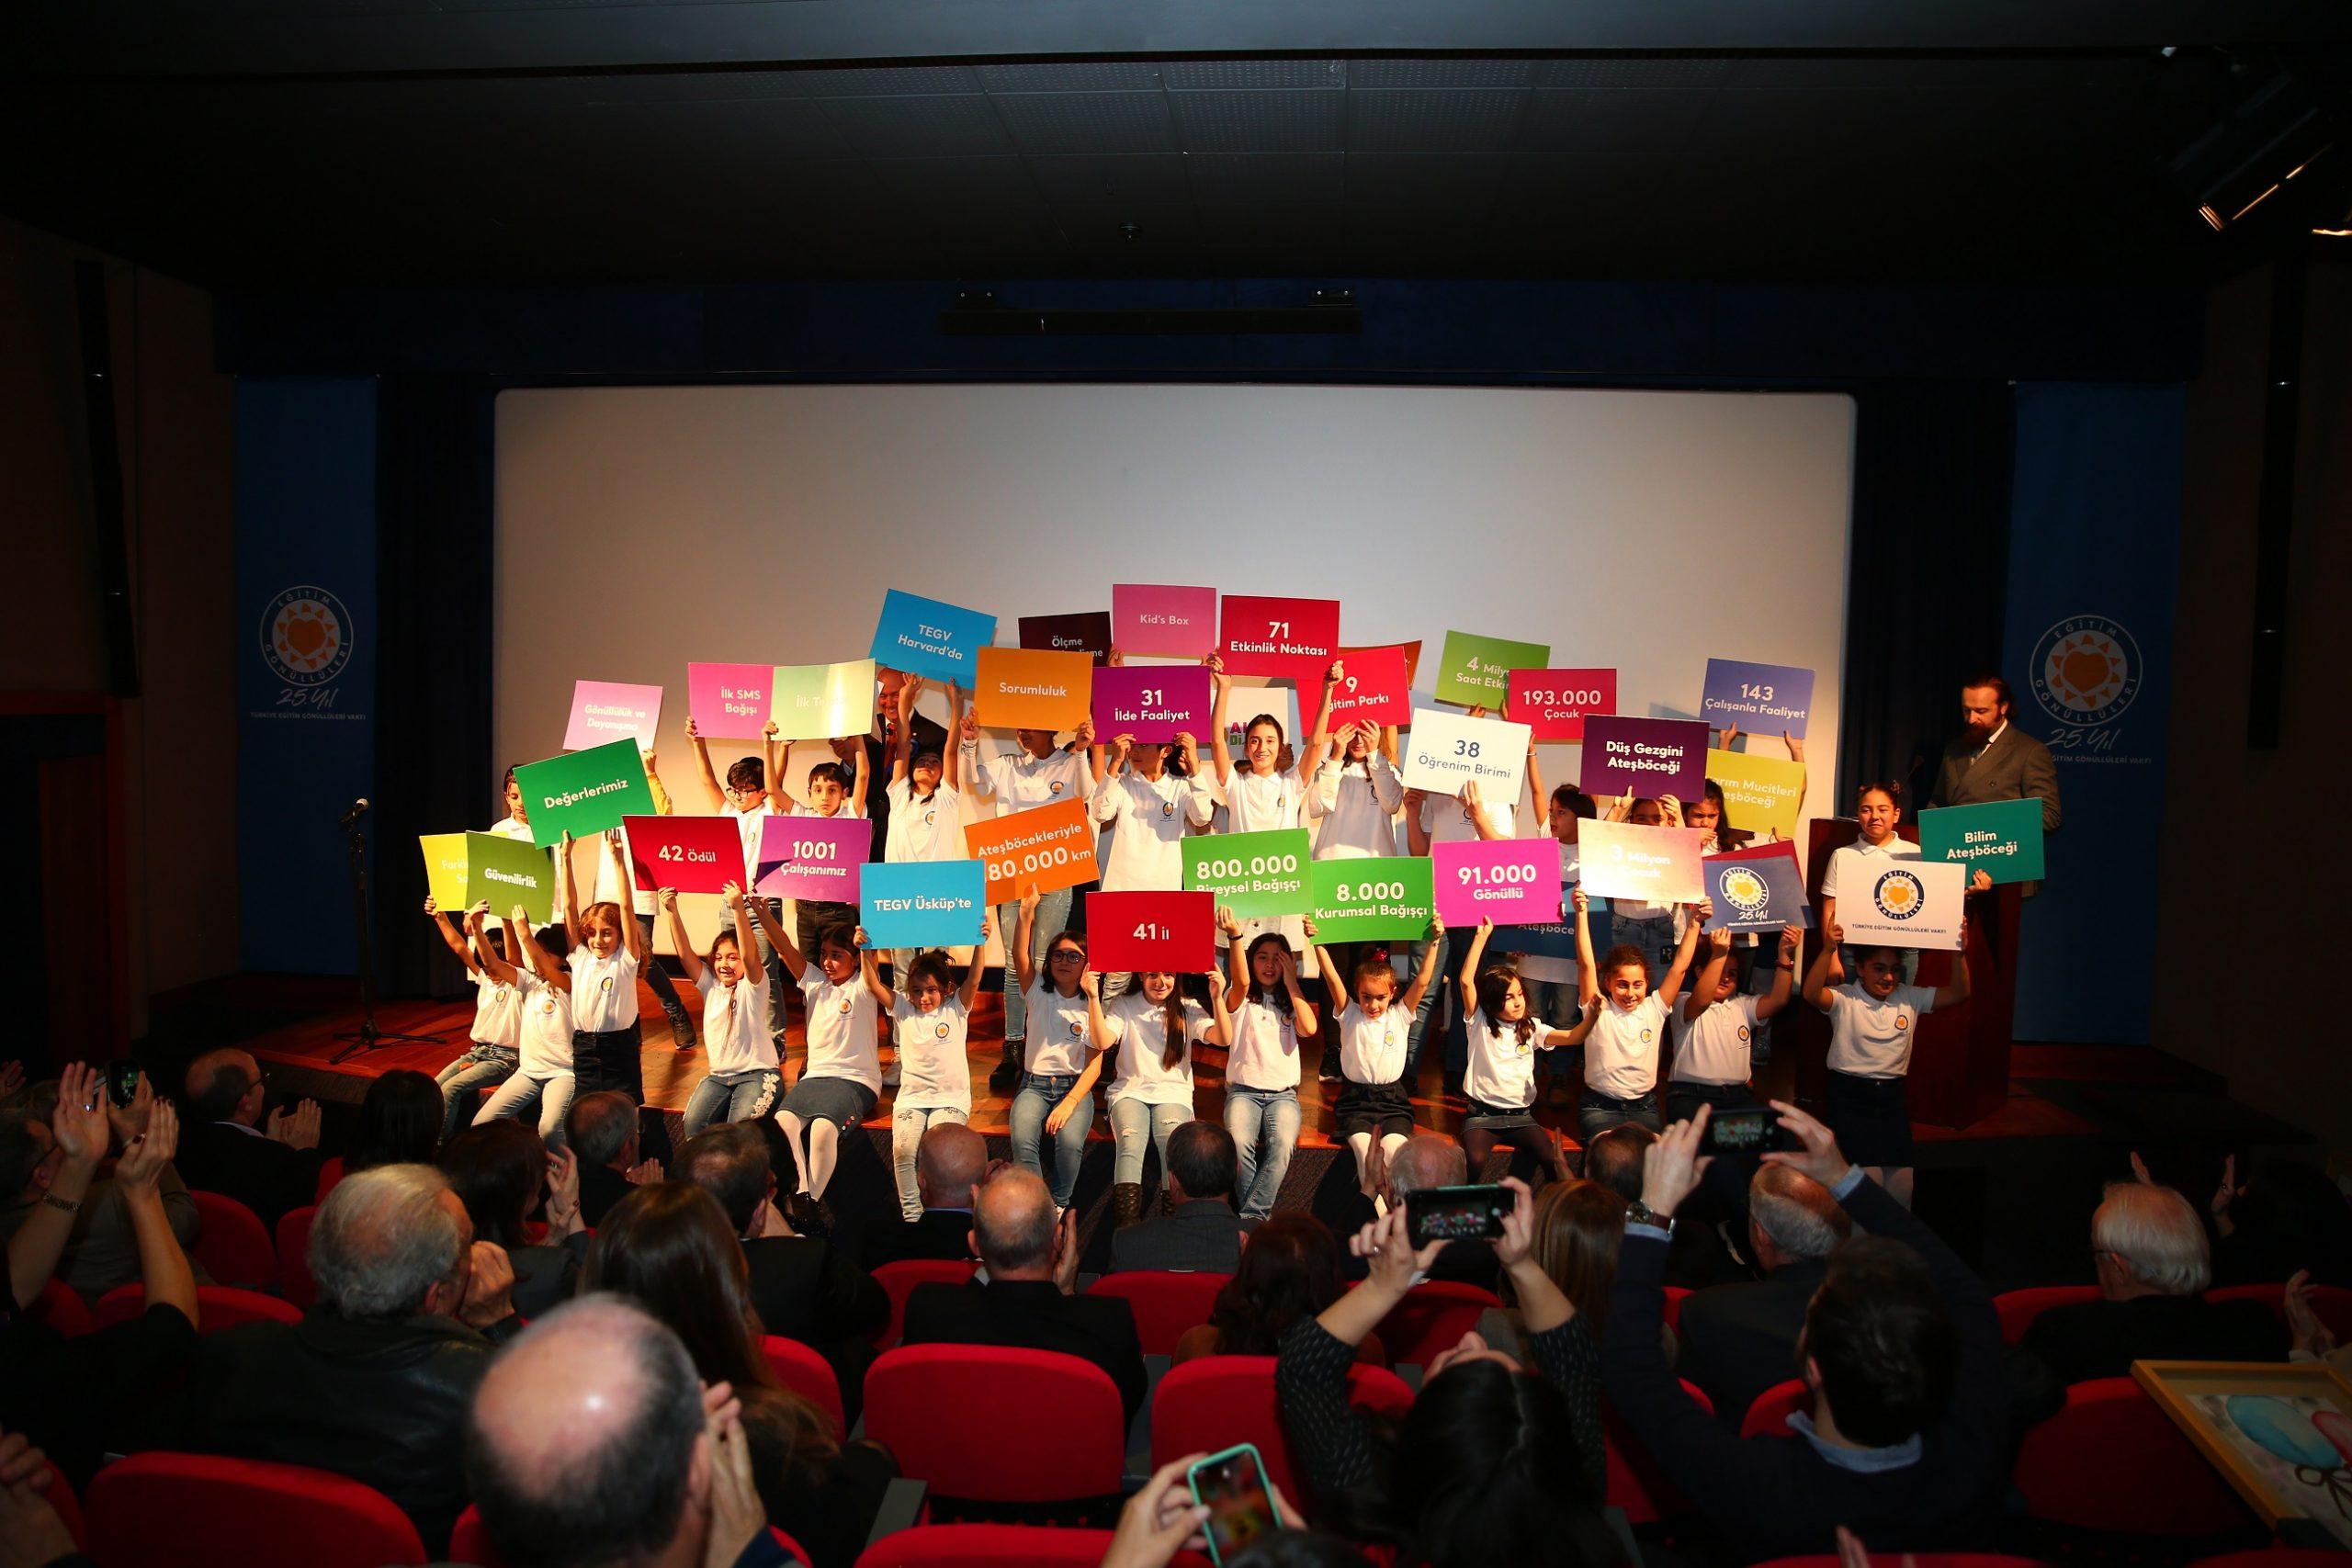 Türkiye Eğitim Gönüllüleri Vakfı 25. Yaş Gününü Kutluyor